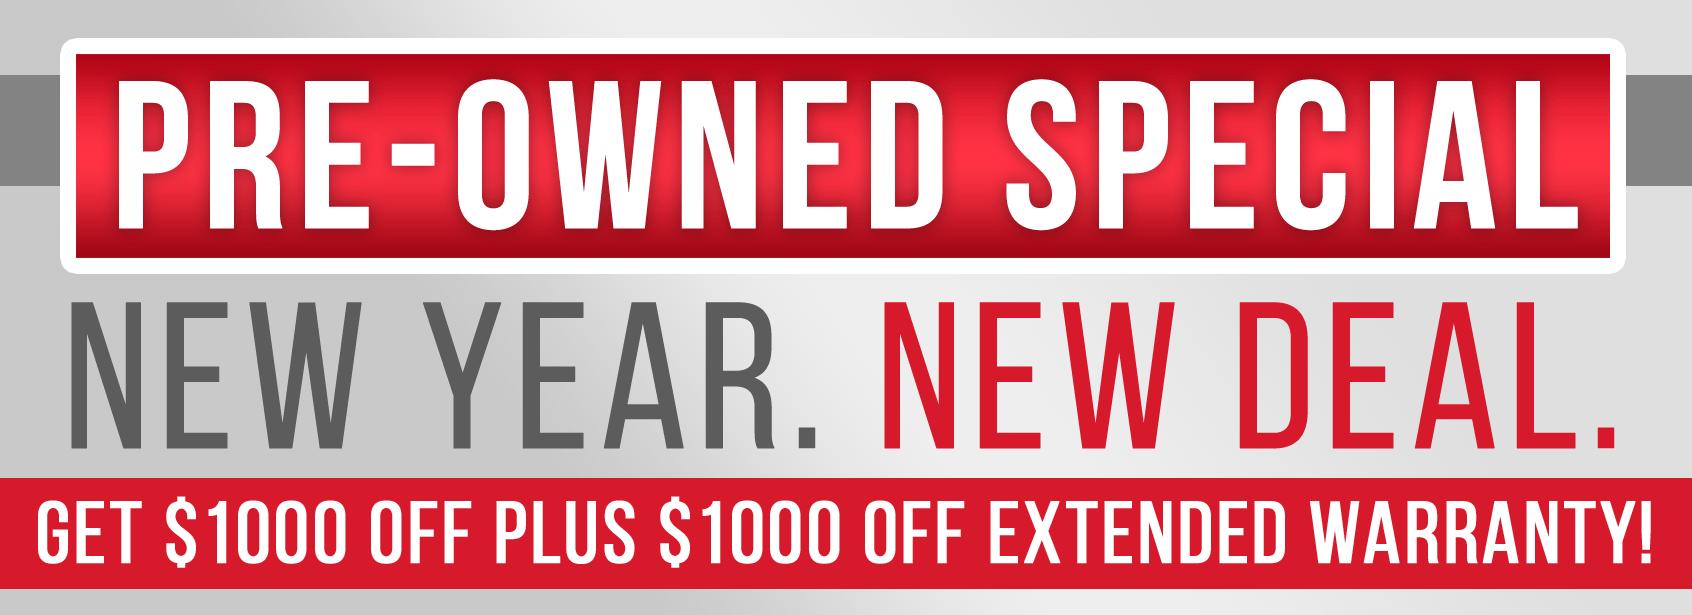 $1000 xmas bonus banner